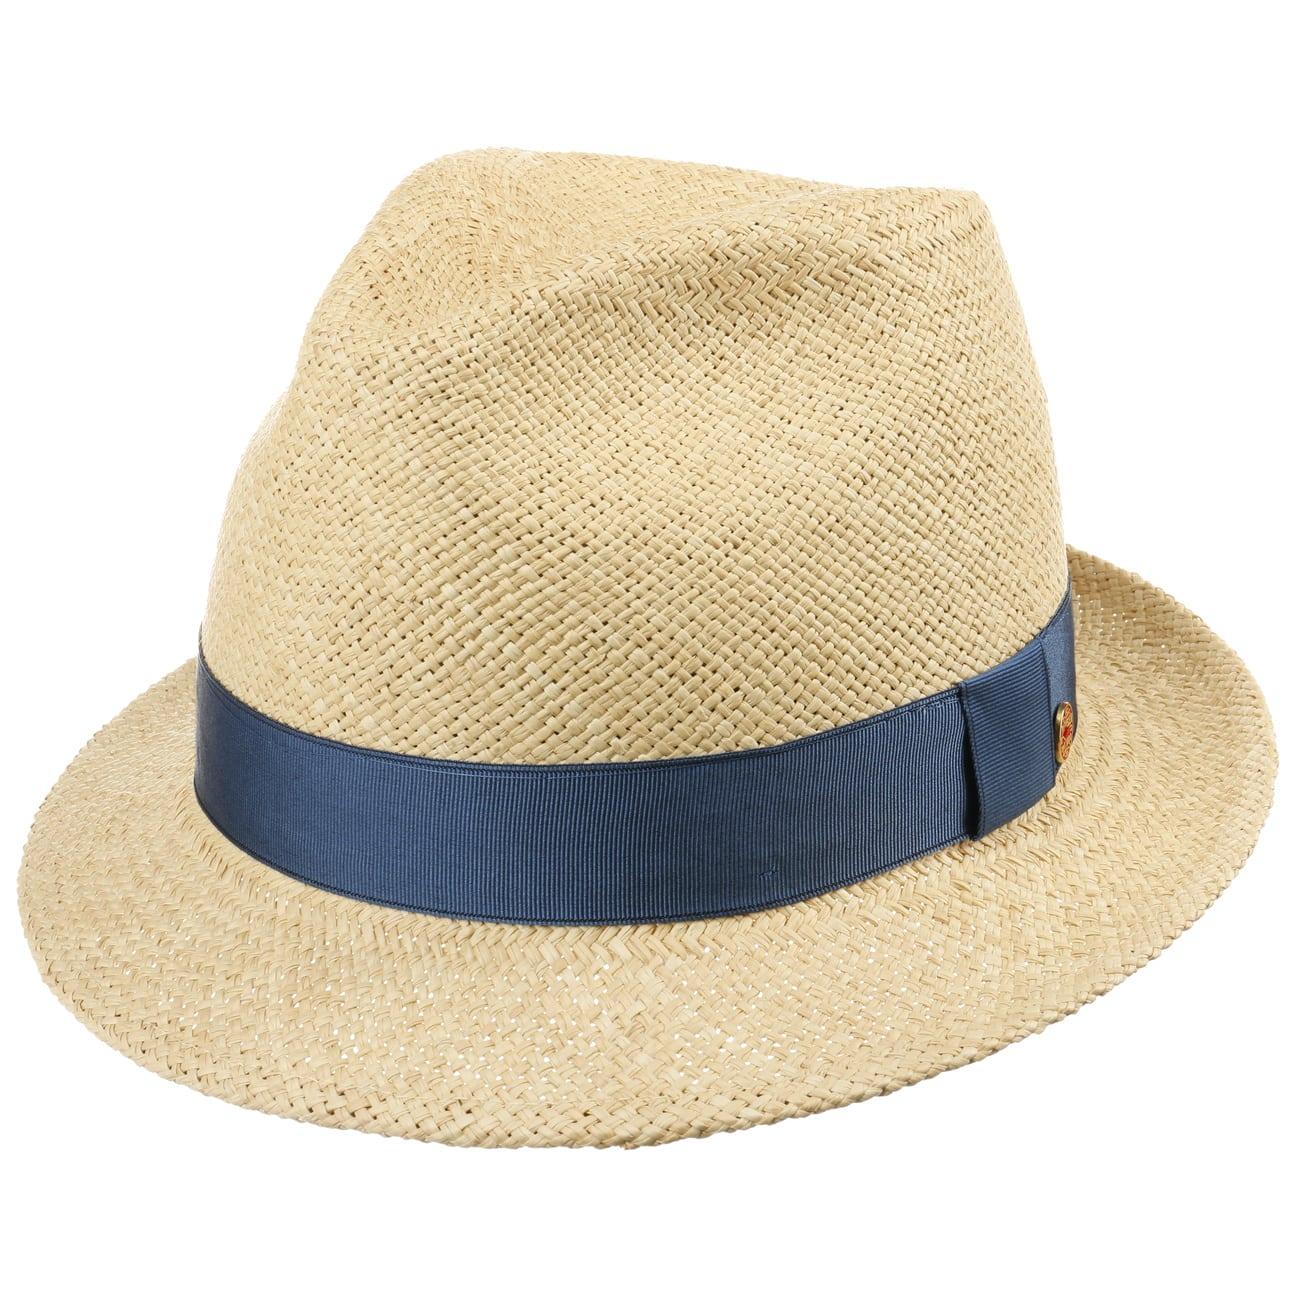 Chapeau Panama Luc by Mayser  chapeau en paille de panama